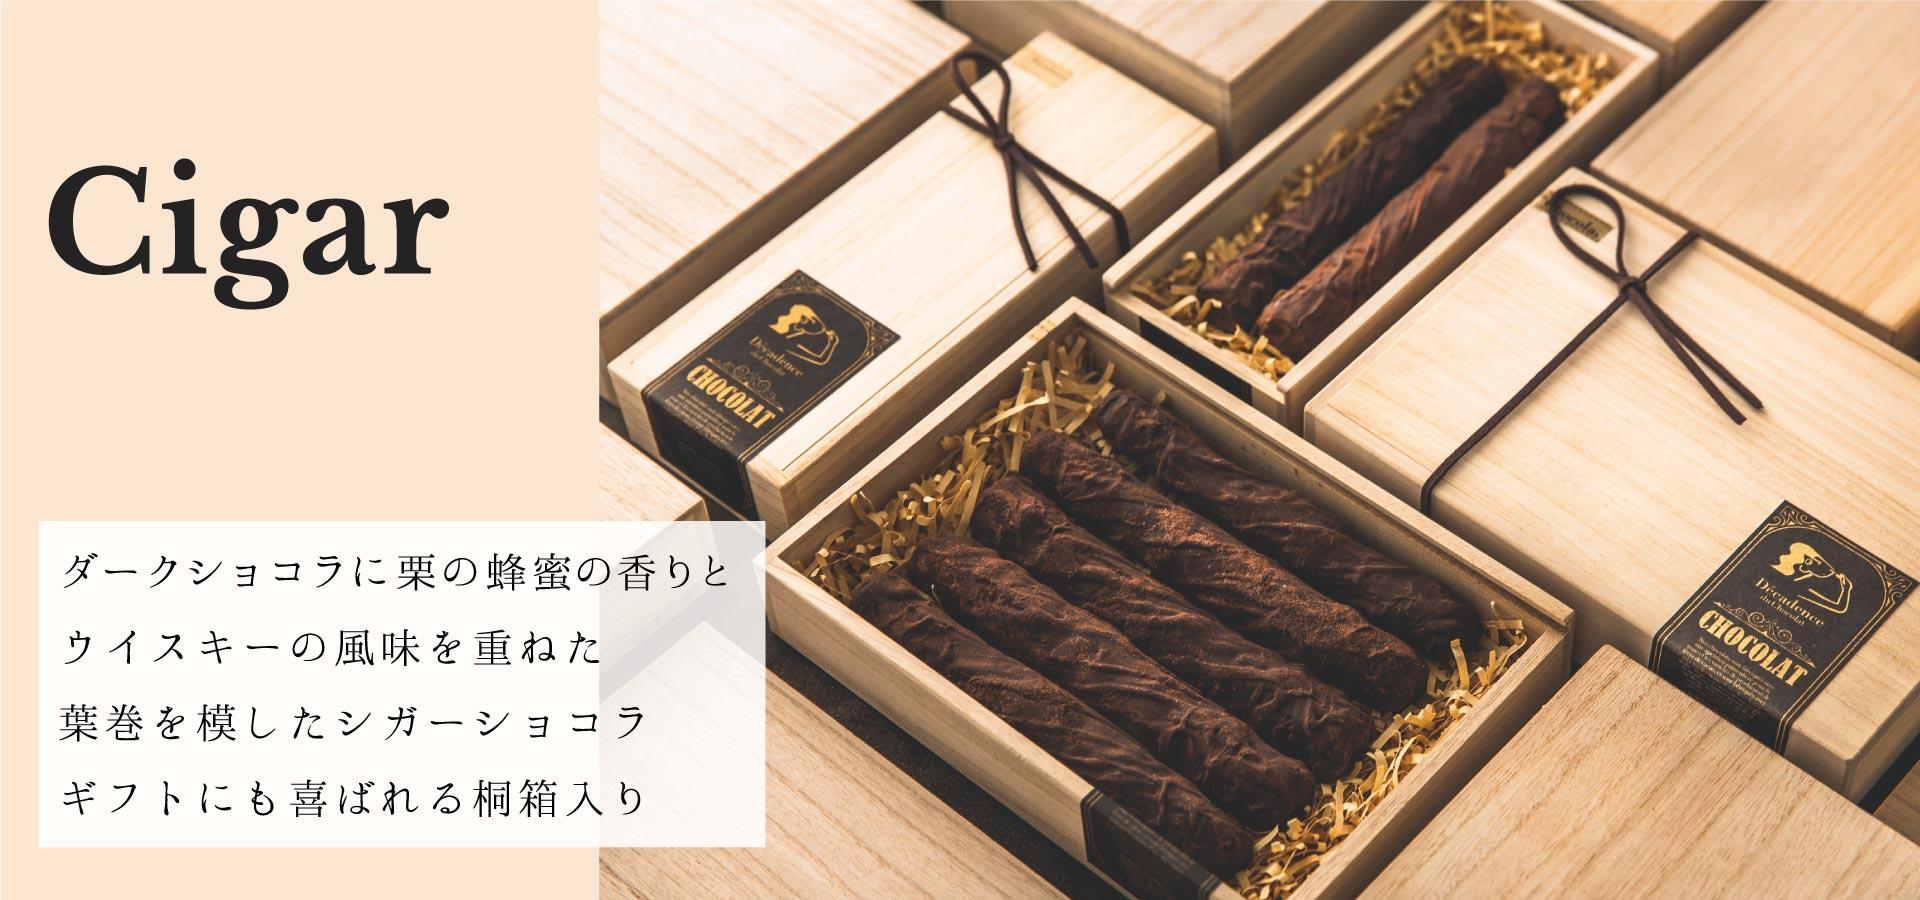 cigar chocolate/シガーチョコレート